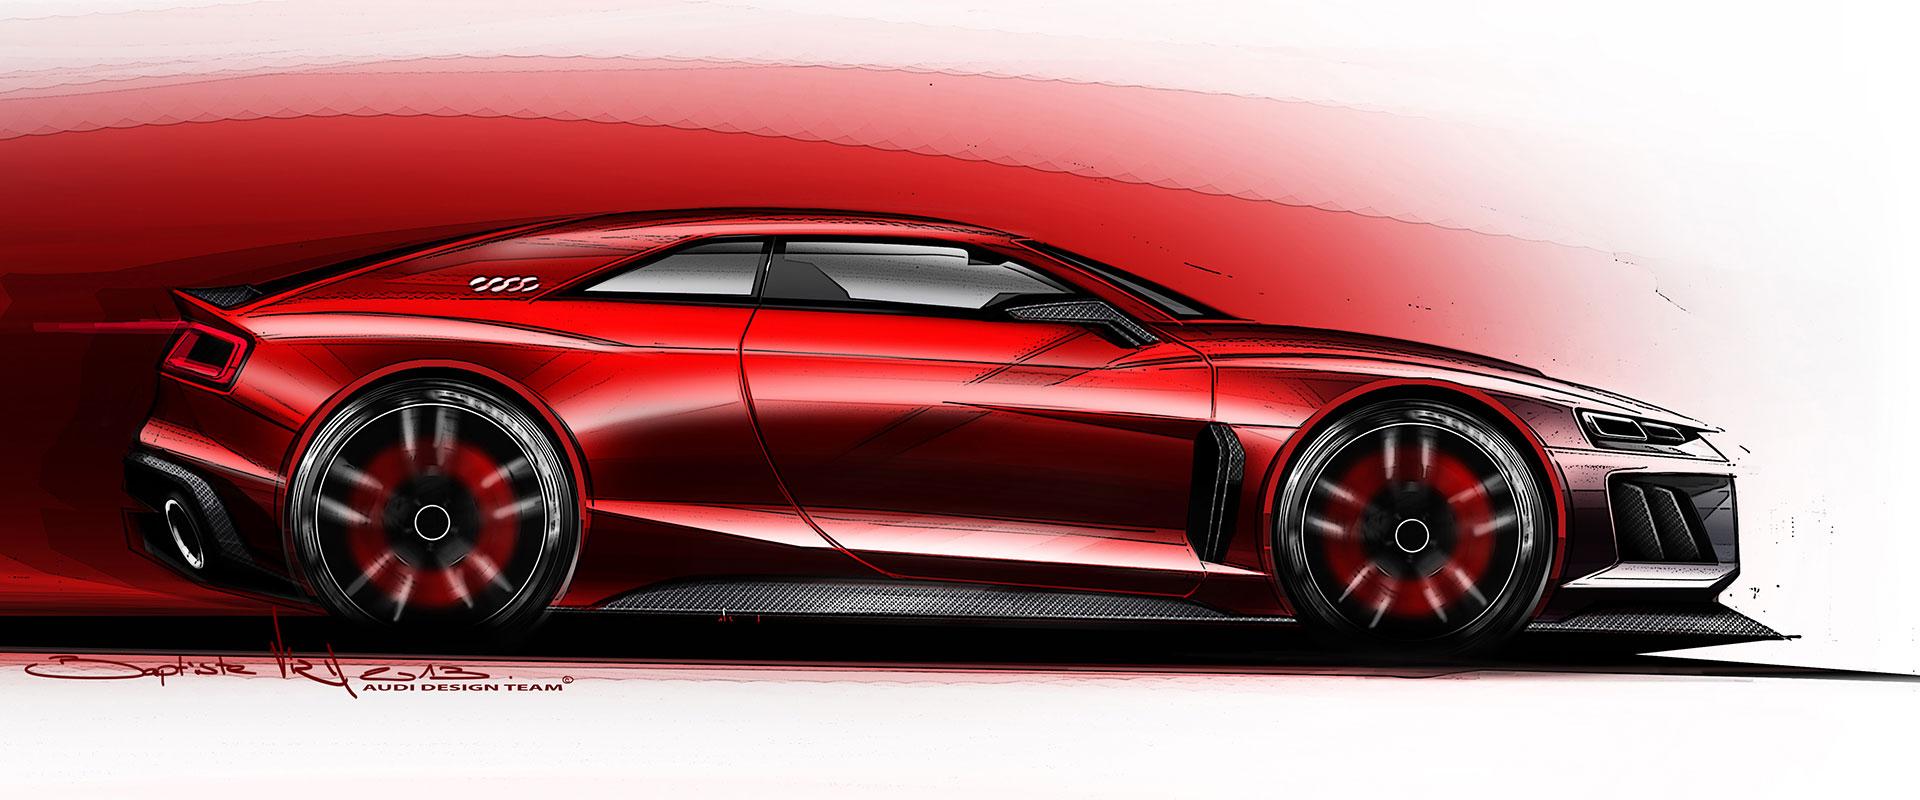 2013 Audi Sport Quattro - Concepts